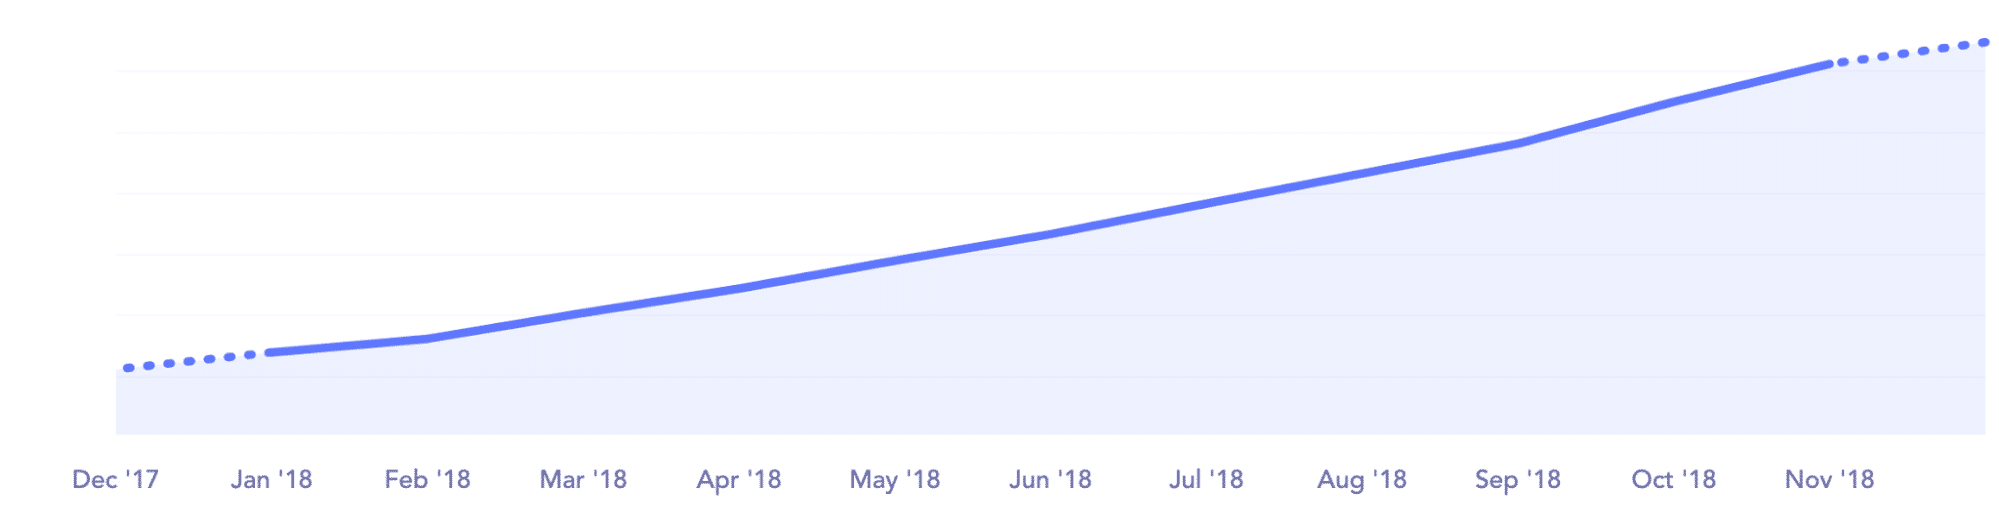 Taux de croissance de la clientèle